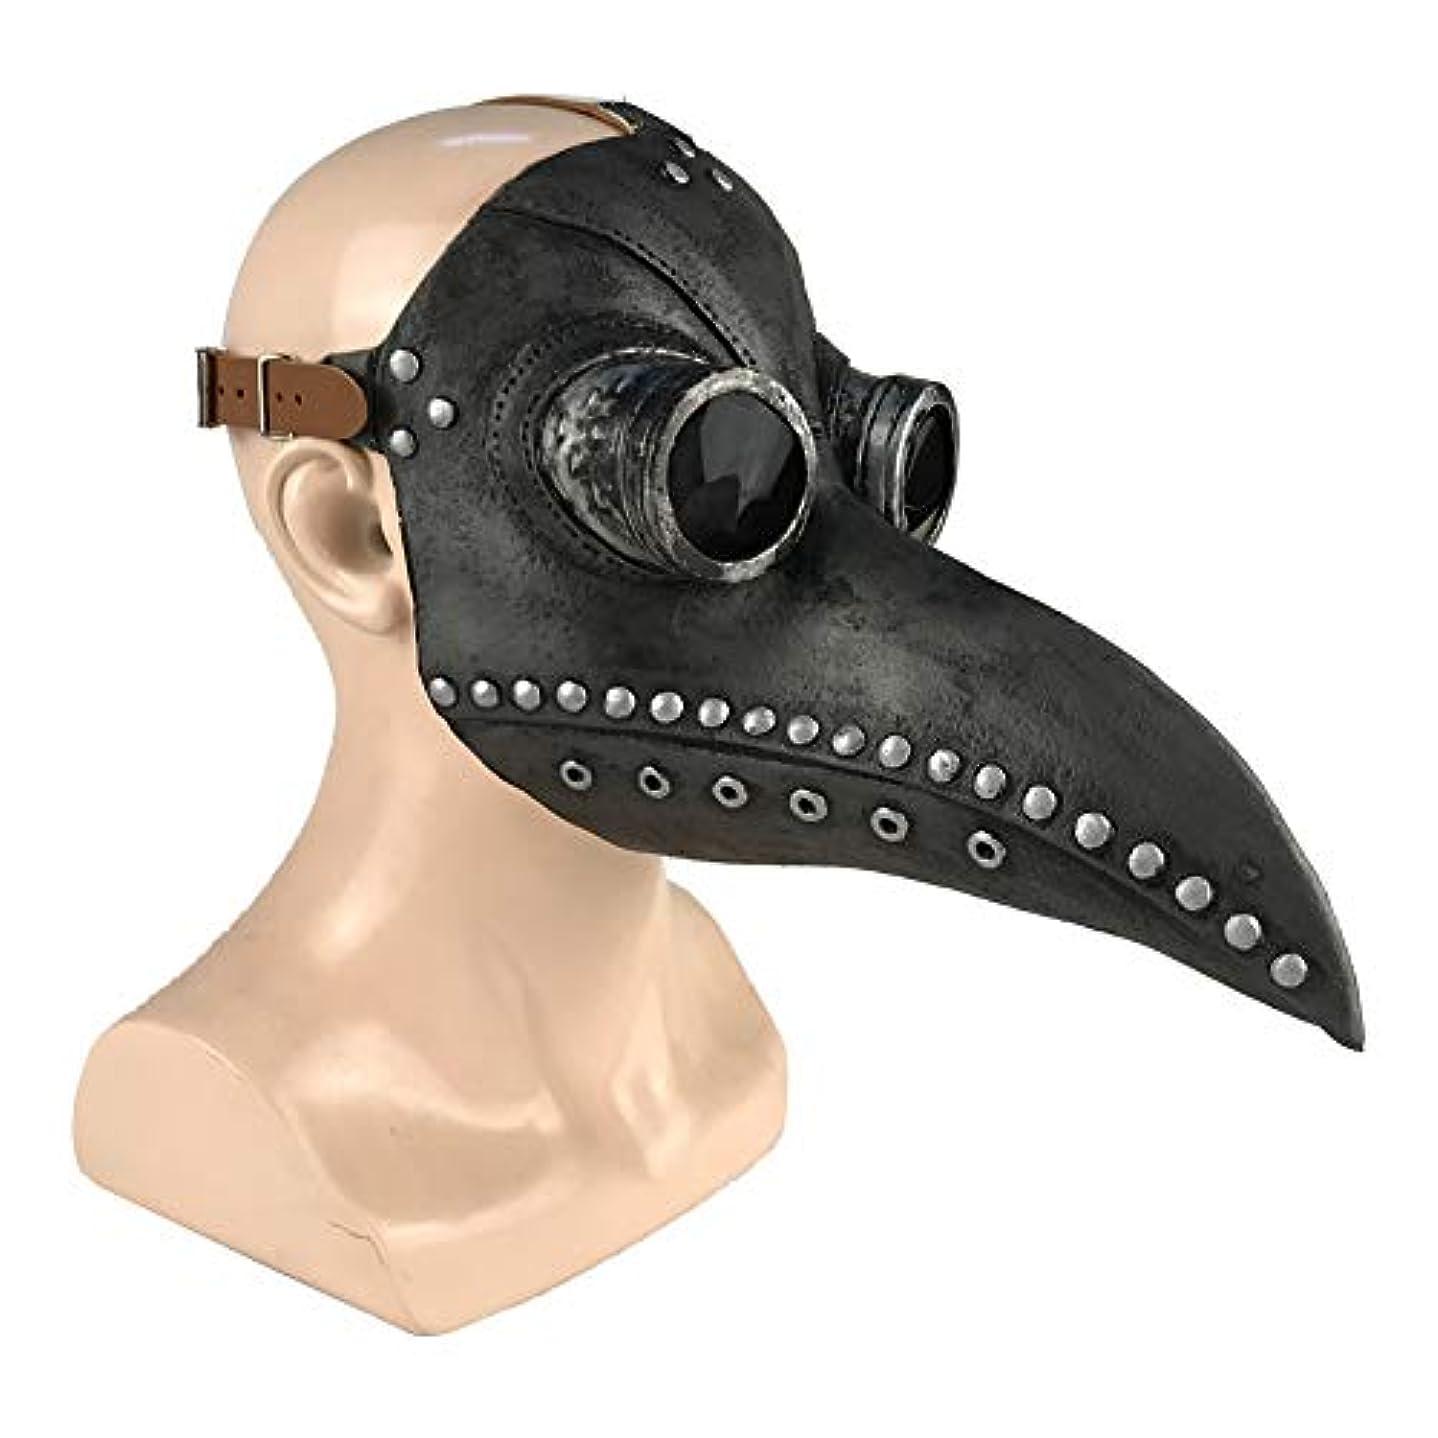 かみそりリフレッシュ適用済みEsolom ハロウィンマスク ペストスチーム喙ドクターマスク ホリデーパーティー用品 黒 銅の爪 ホラーマスク ハロウィンデコレーション 通気性